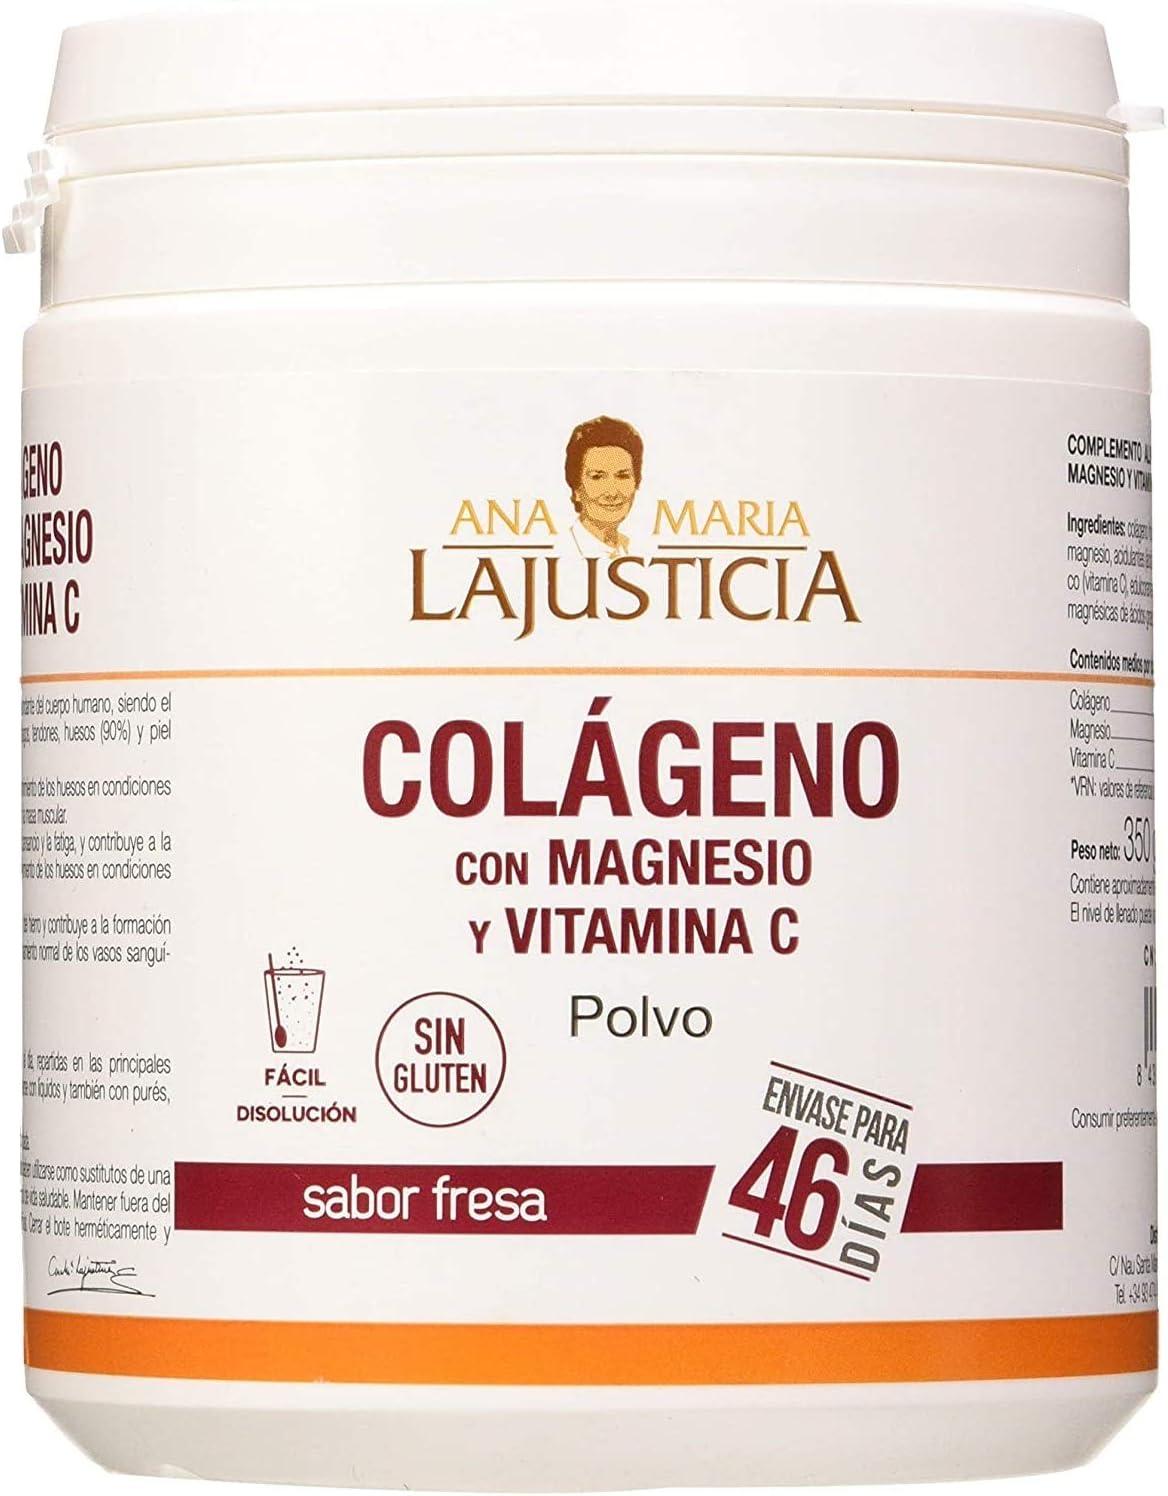 Ana Maria Lajusticia - Colágeno con magnesio y vit c – 350 gramos (sabor fresa) articulaciones fuertes y piel tersa. Regenerador de tejidos con colágeno hidrolizado tipo 1 y 2. Envase para 46 días.